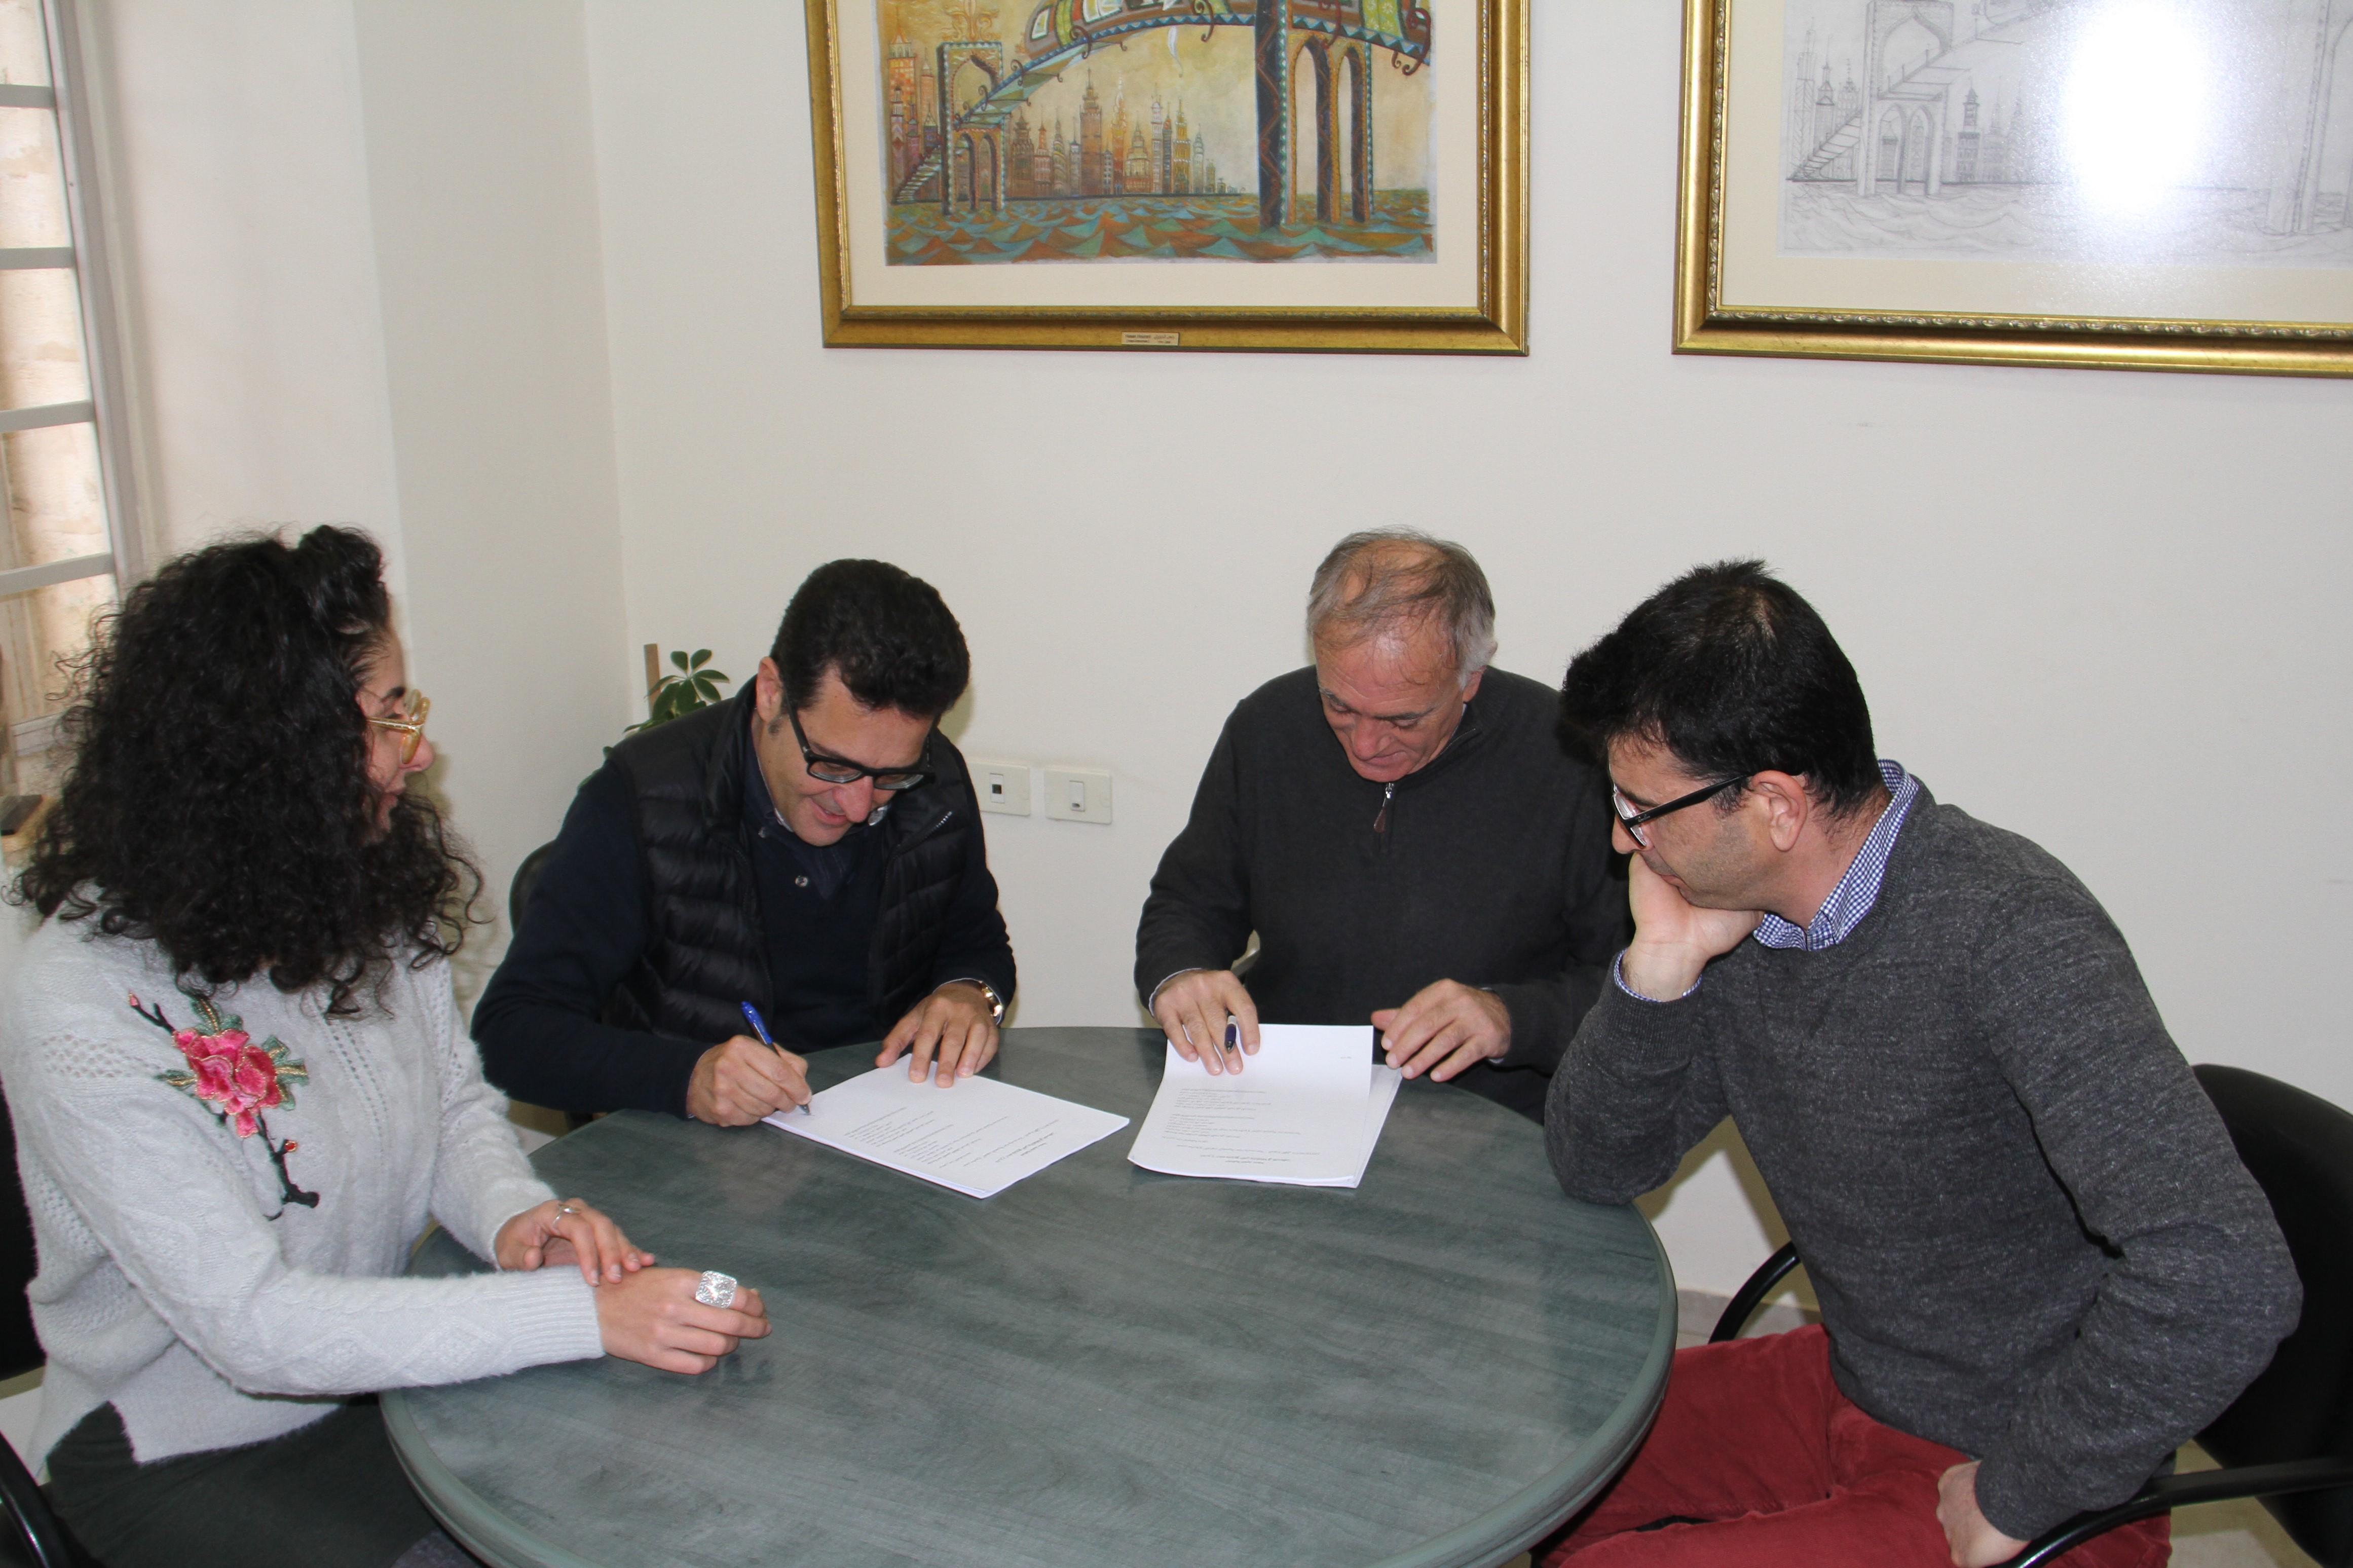 جانب من توقيع الاتفاقية مع مؤسسة المعمل للفن المعاصر